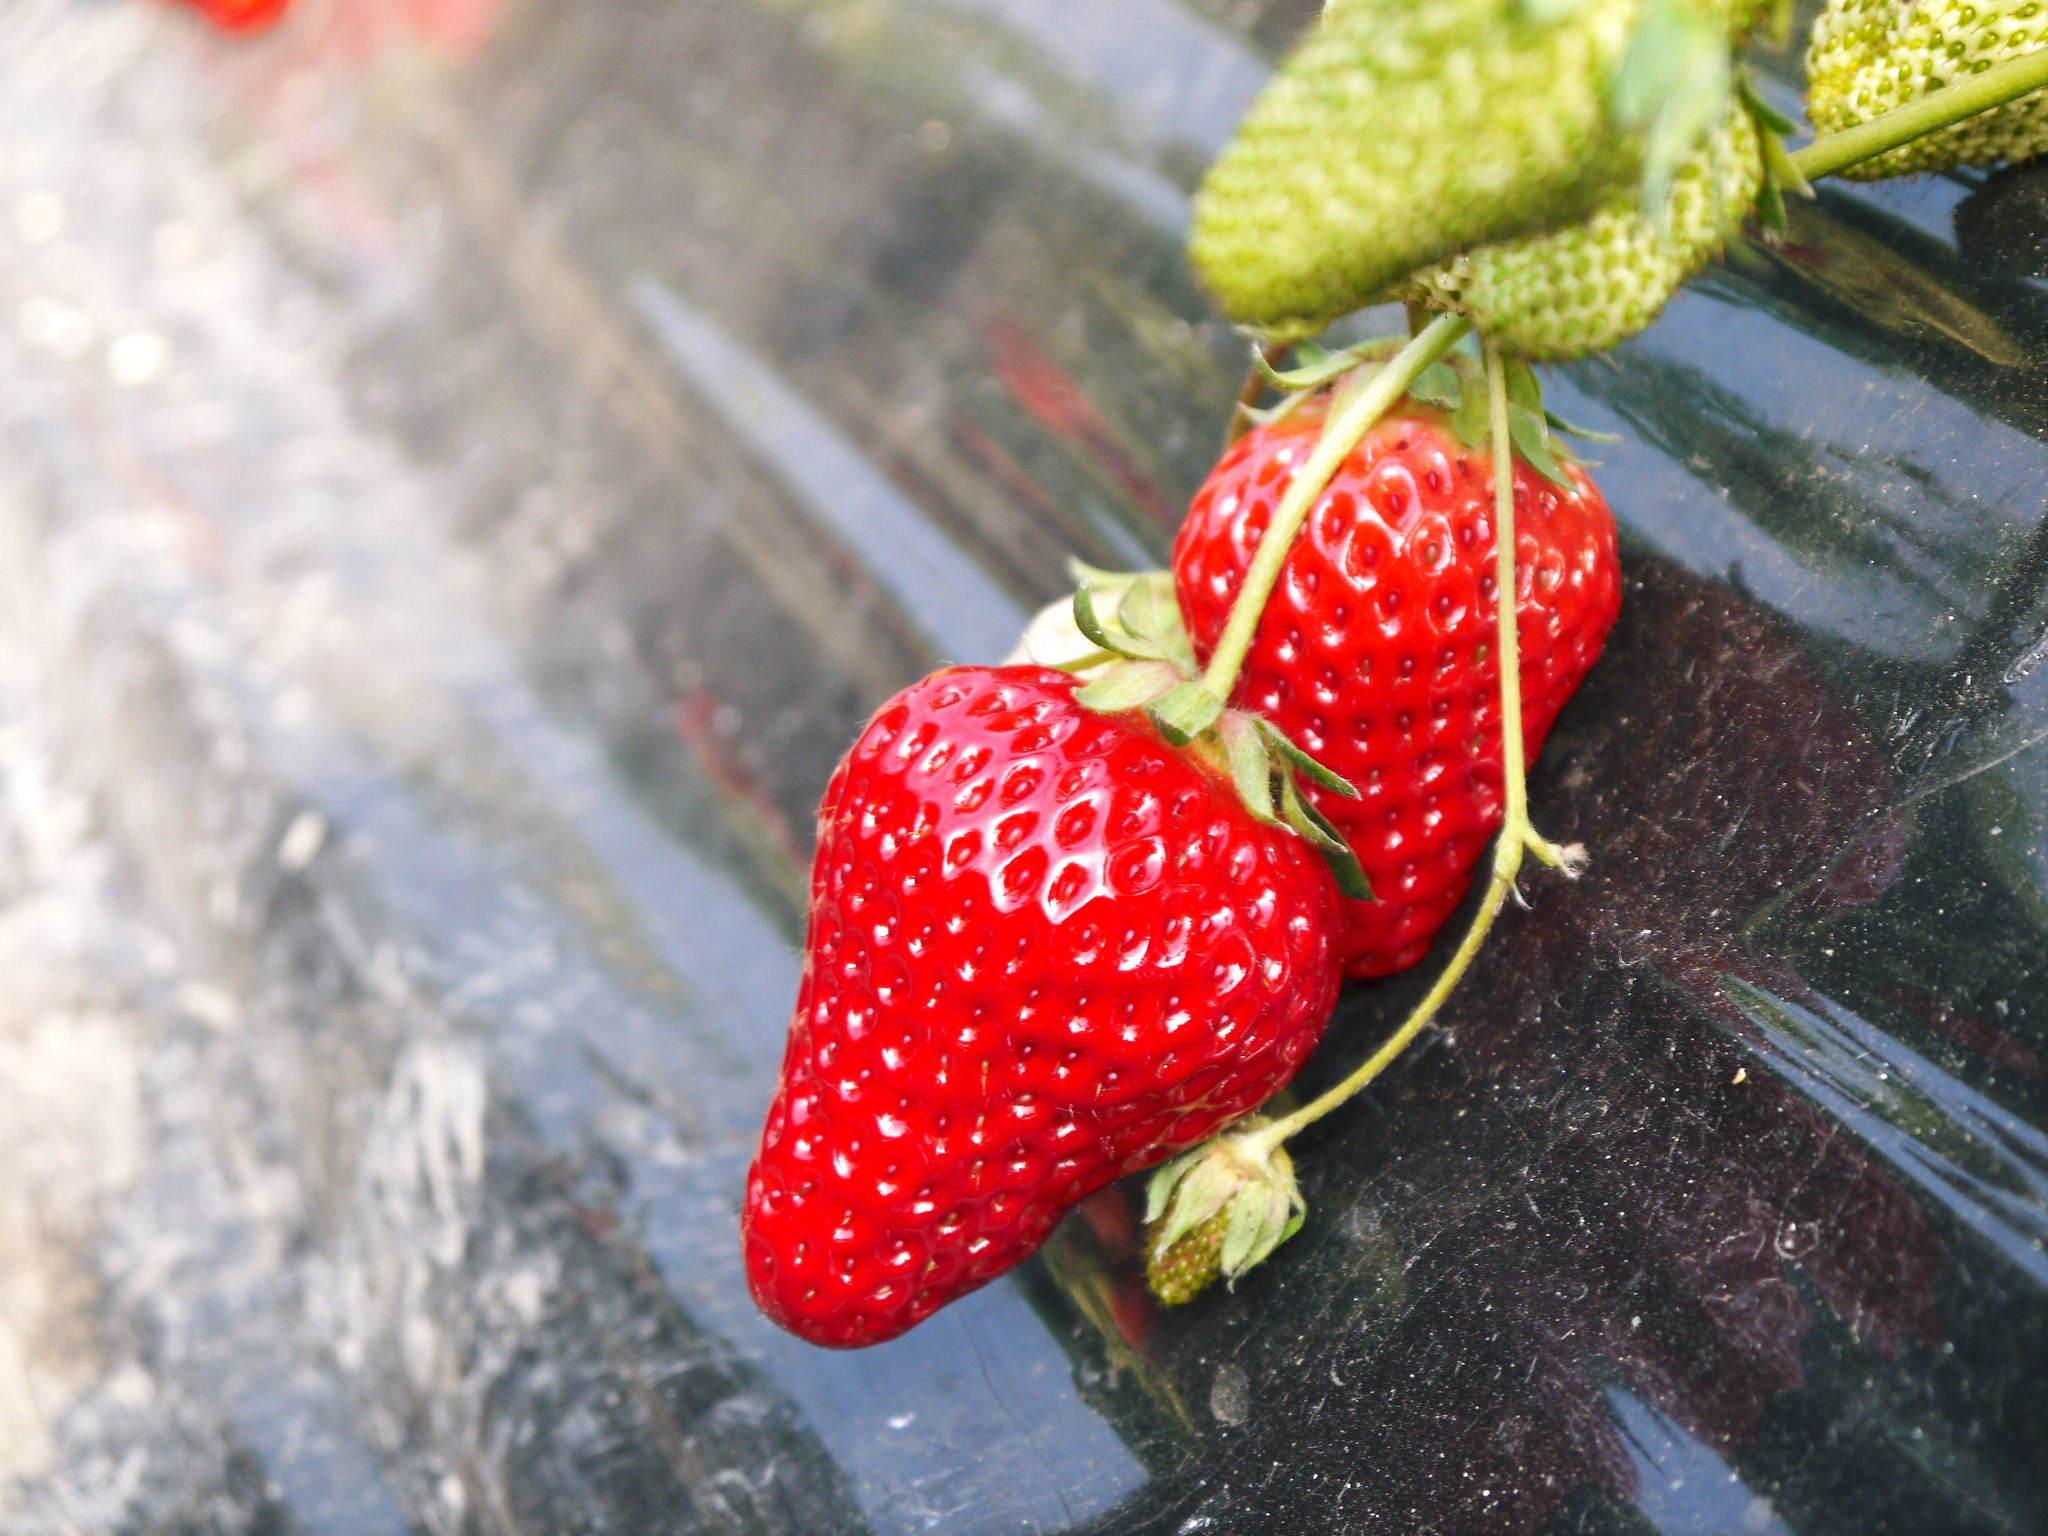 完熟紅ほっぺ まもなく定植!栽培ハウスの今の様子と元気な苗床の苗!こだわりの減農薬栽培で育てます!_a0254656_18321395.jpg